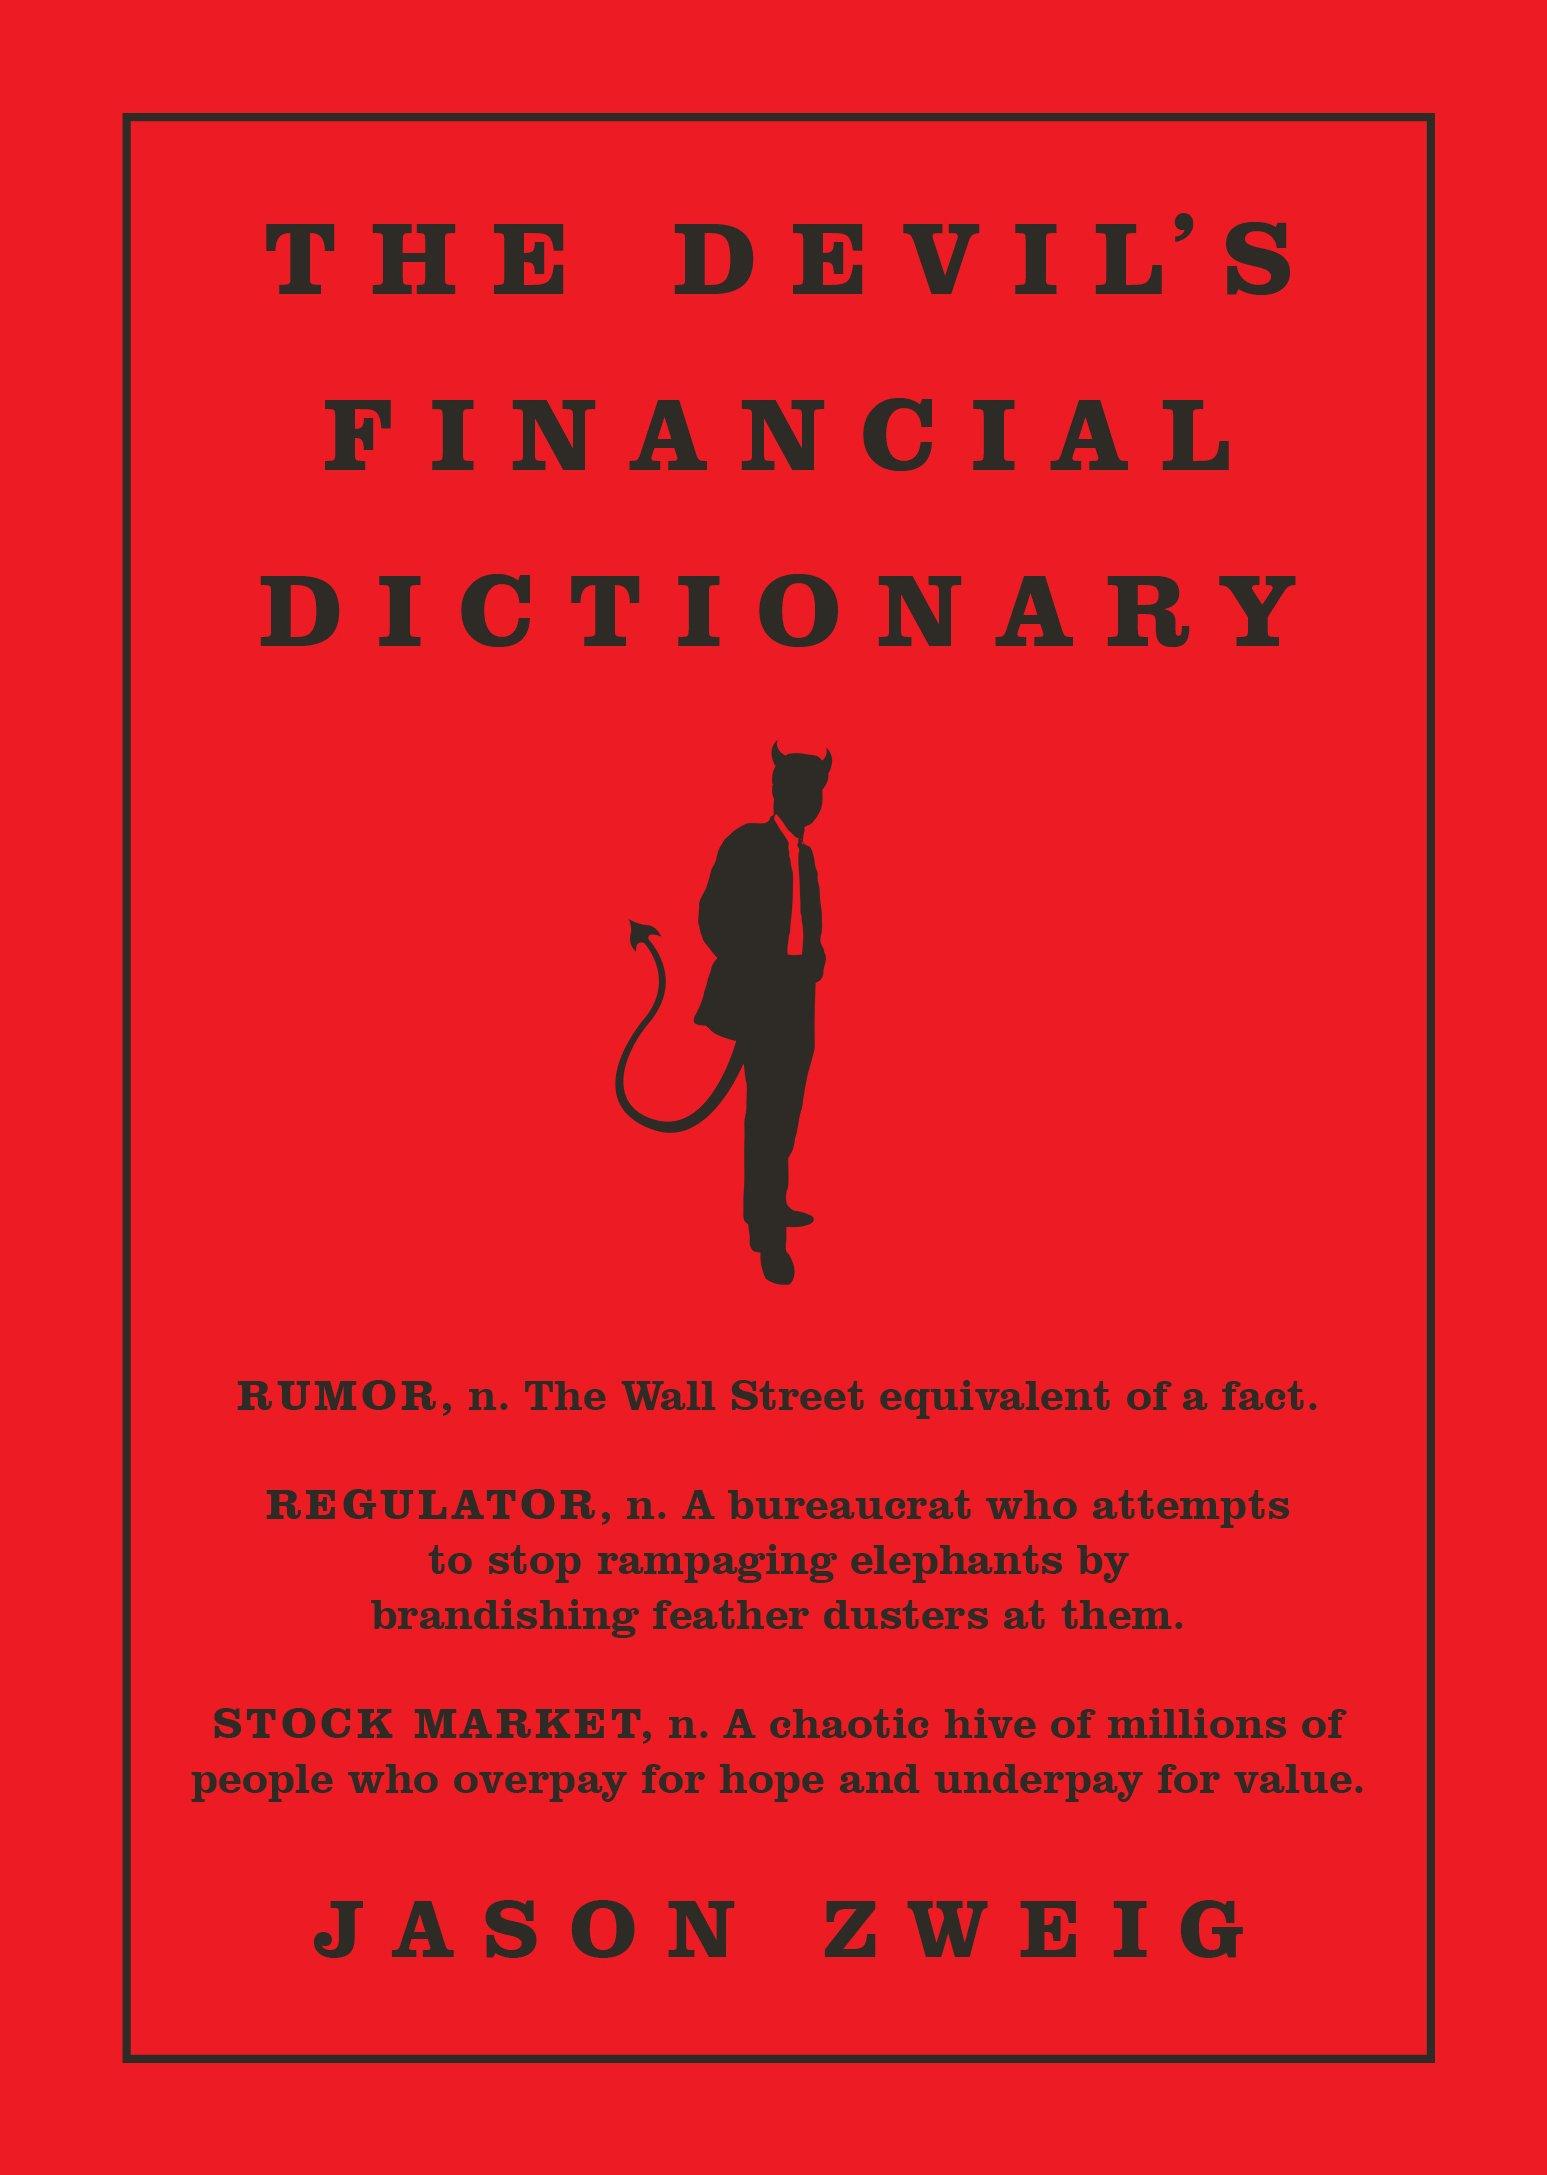 dictionary com review